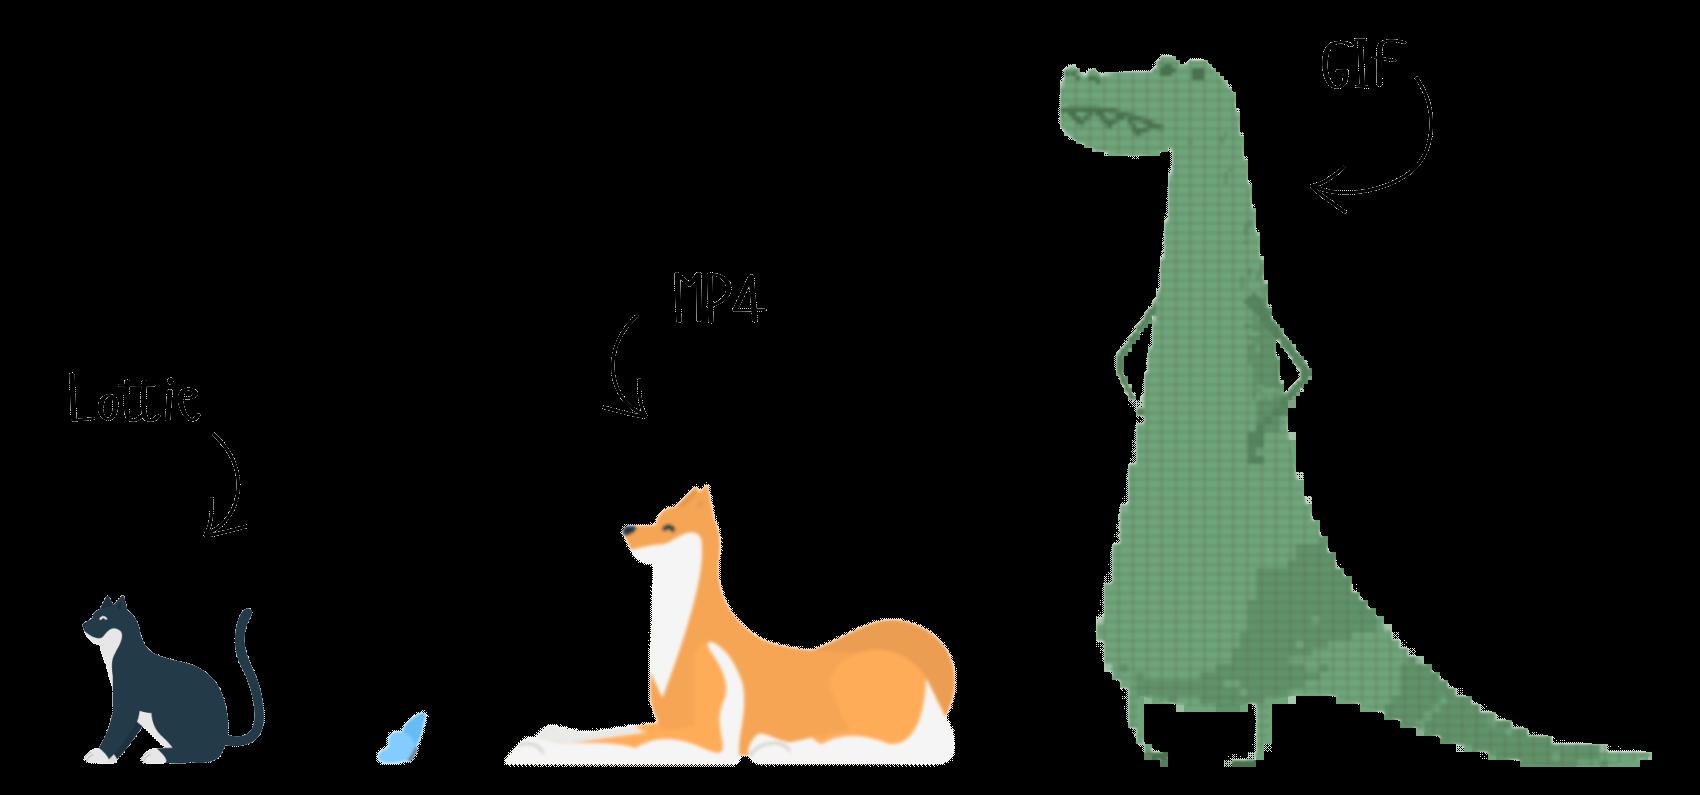 сравнение разных форматов анимации